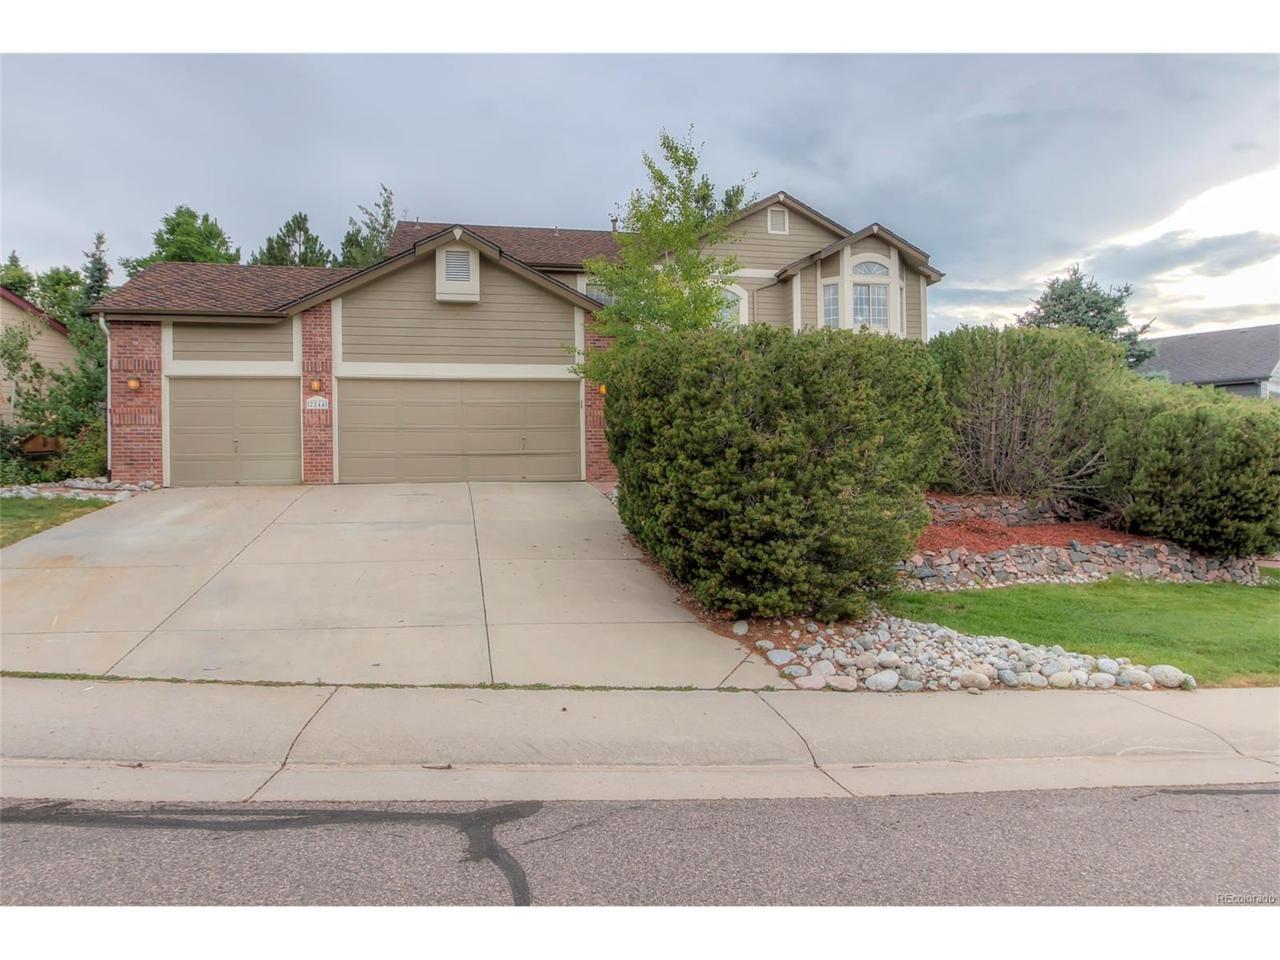 2244 Stratford Court, Highlands Ranch, CO 80126 (MLS #9005962) :: 8z Real Estate